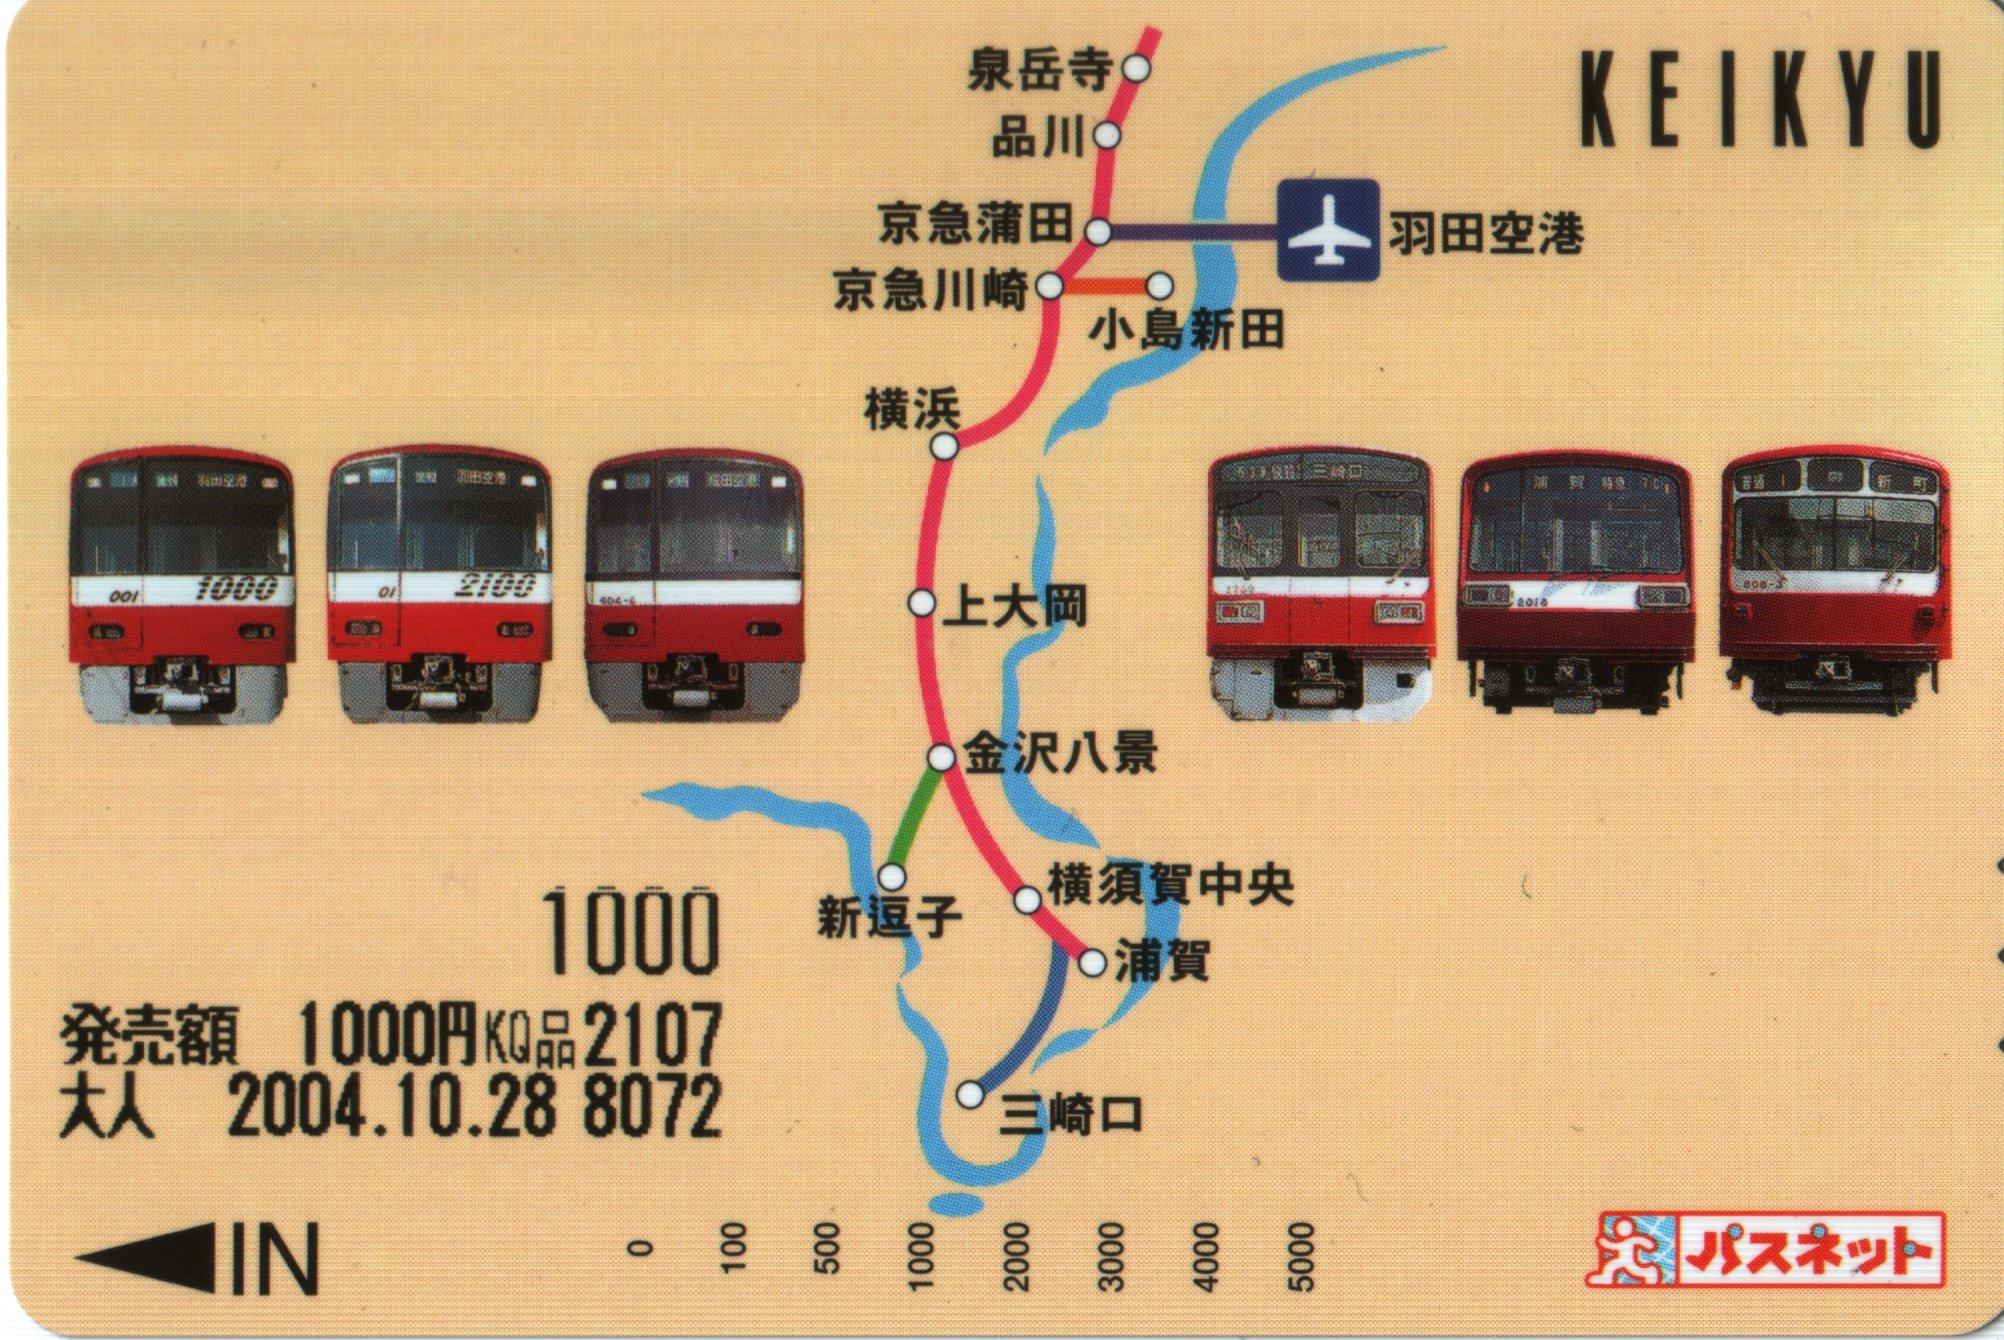 Keikyu Route Map